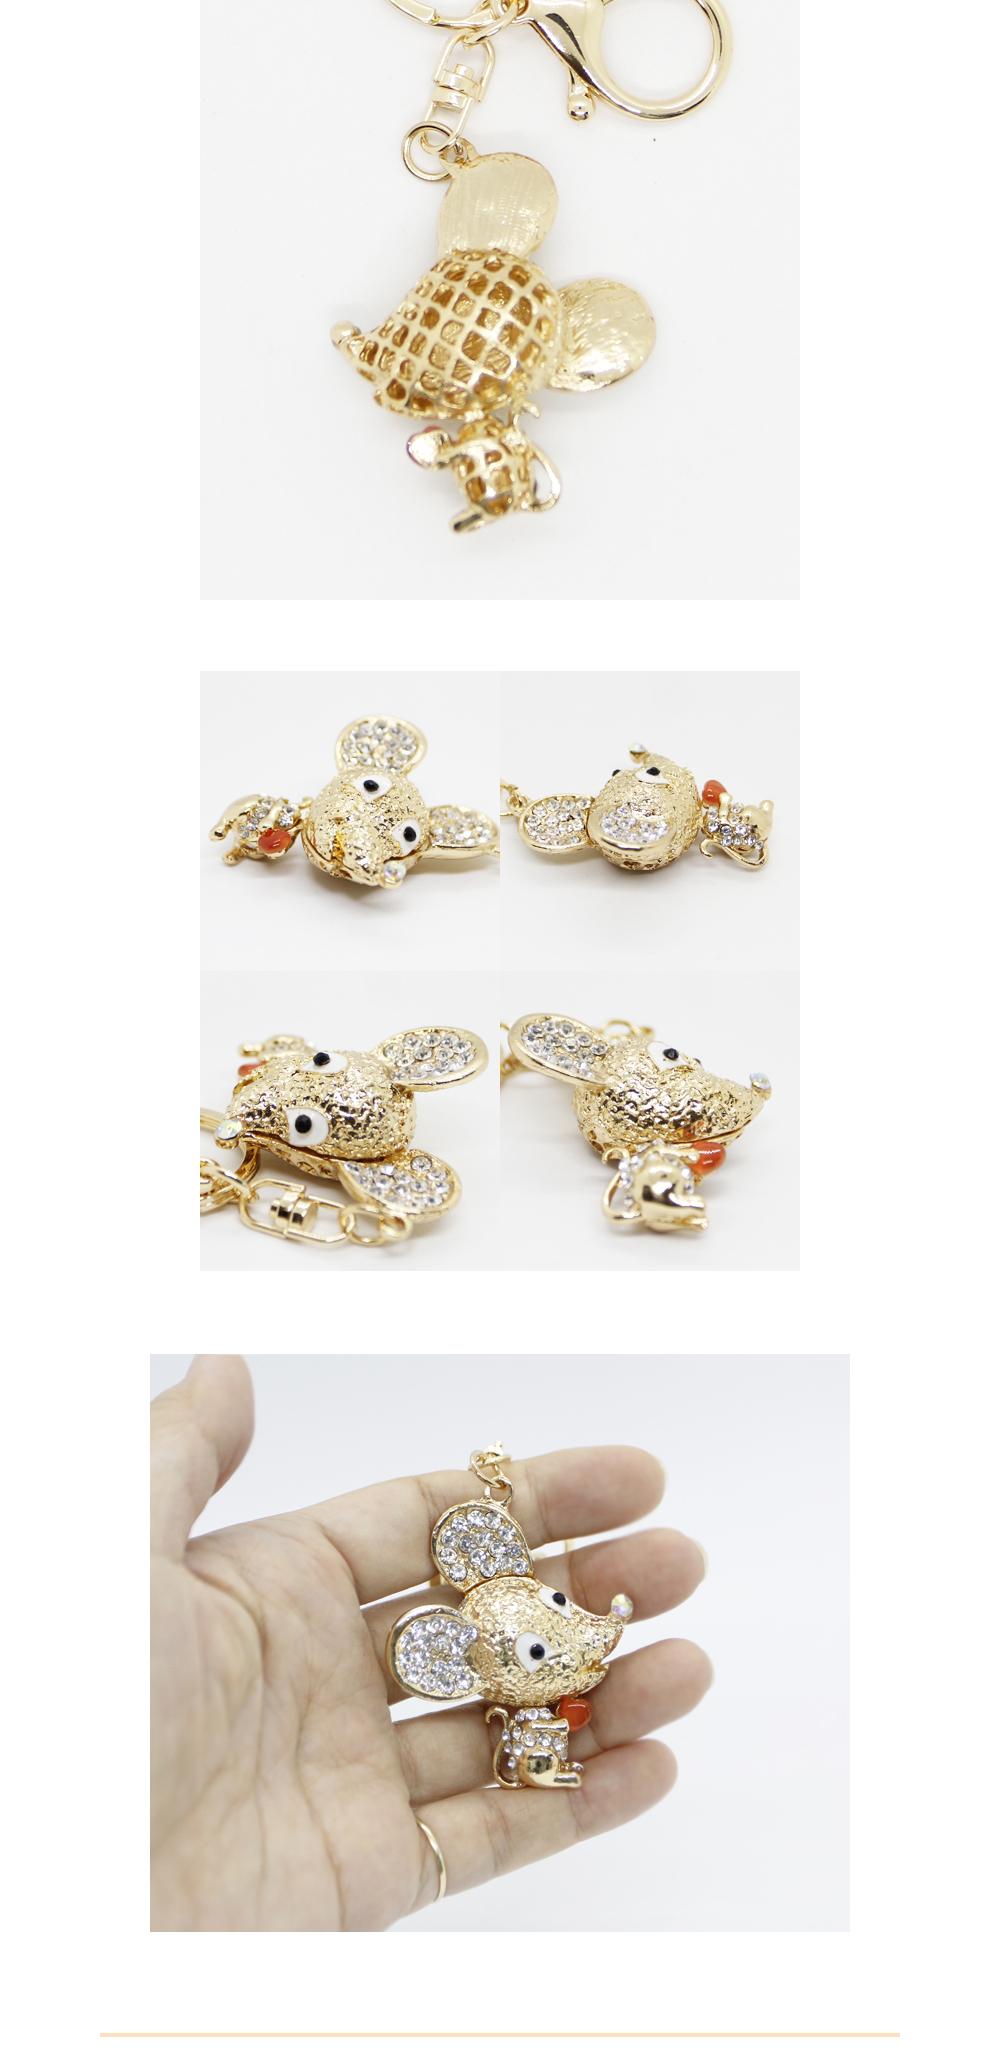 귀여운 생쥐 럭셔리 키링(4colors) - 다주소, 4,400원, 열쇠고리/키커버, 캐릭터